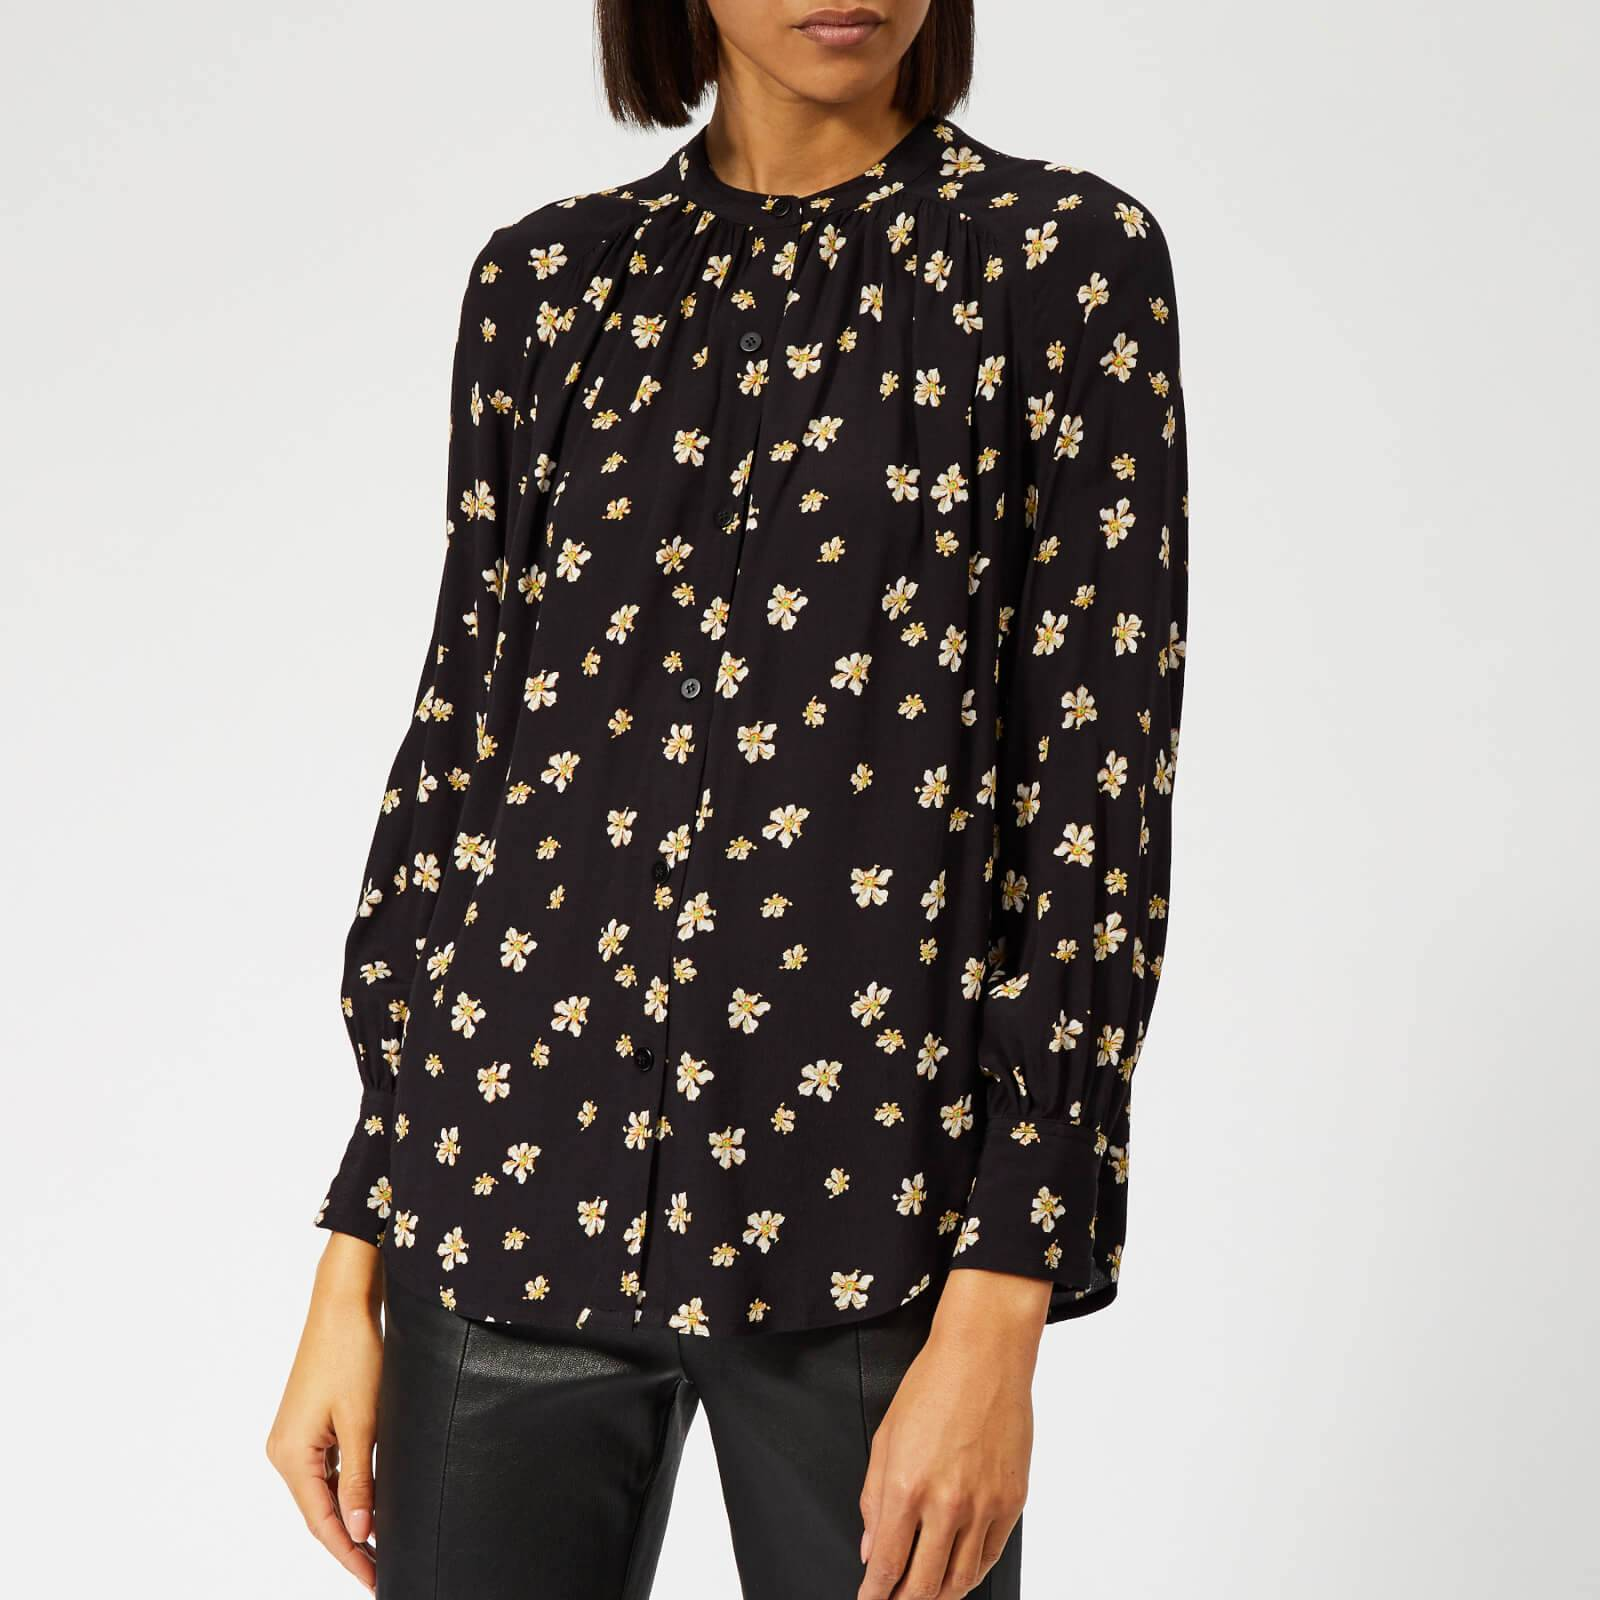 Whistles Women's Edelweiss Print Blouse - Black/Multi - UK 12 - Black